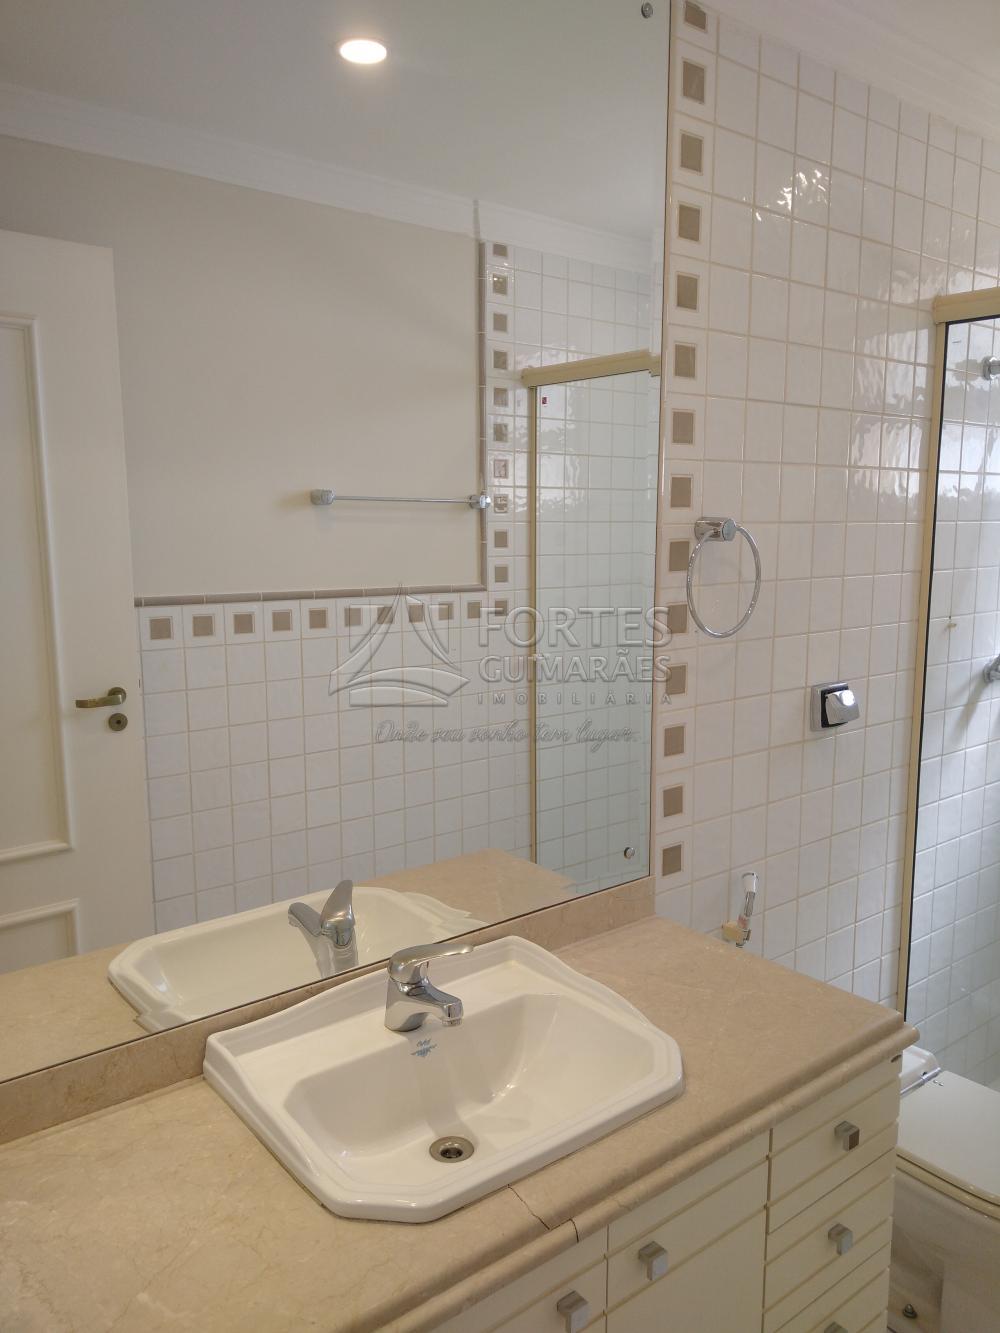 Alugar Apartamentos / Padrão em Ribeirão Preto apenas R$ 3.000,00 - Foto 27